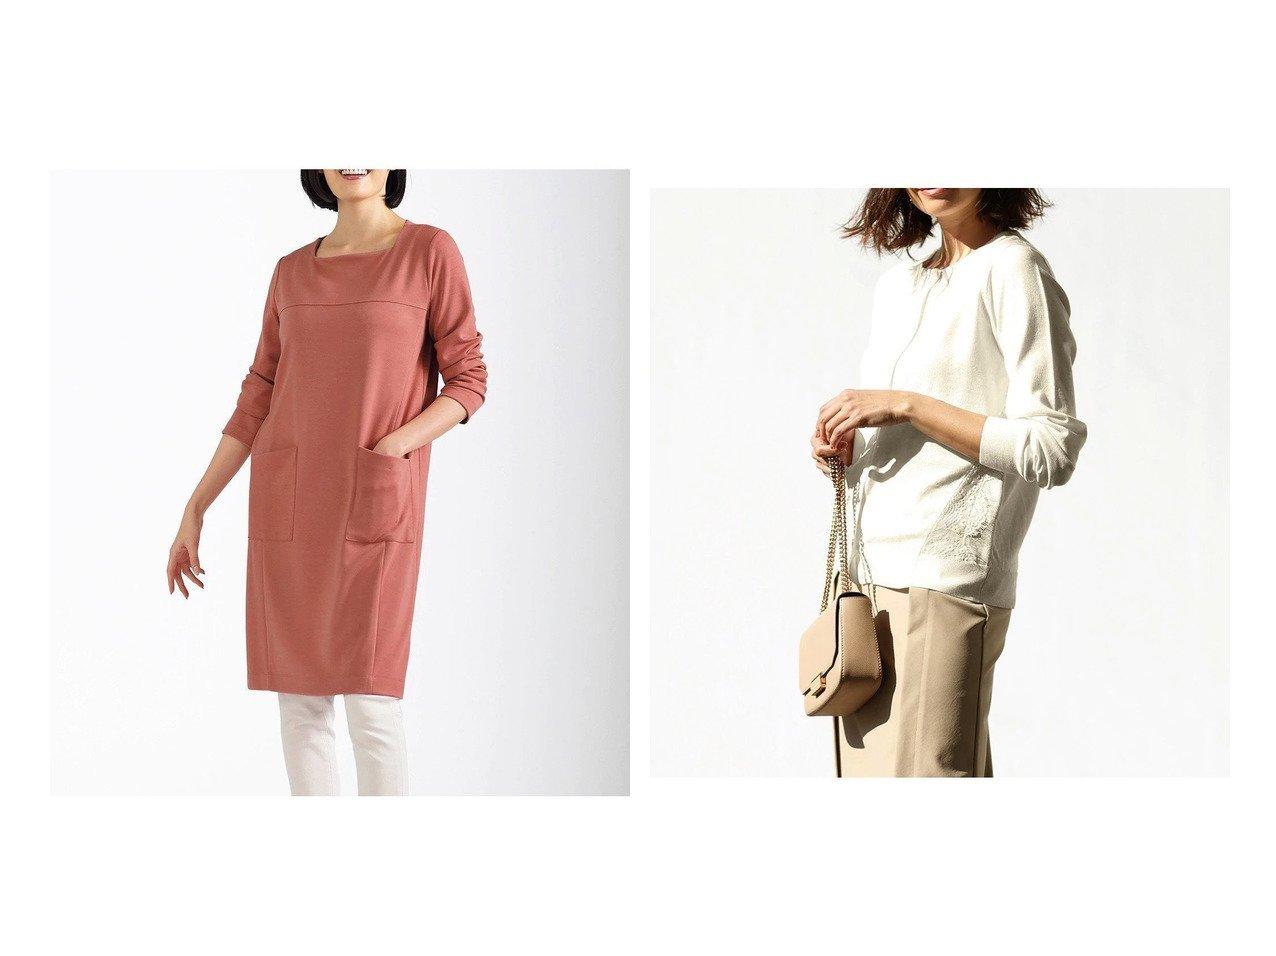 【DoCLASSE/ドゥクラッセ】のシャインストレッチ・スクエアチュニック&リラクシーニット・配色レースカーディガン ドゥクラッセの40代、50代の方におすすめ!人気トレンド・ファッションの通販 おすすめで人気の流行・トレンド、ファッションの通販商品 メンズファッション・キッズファッション・インテリア・家具・レディースファッション・服の通販 founy(ファニー) https://founy.com/ ファッション Fashion レディースファッション WOMEN トップス カットソー Tops Tshirt ニット Knit Tops カーディガン Cardigans カーディガン シンプル フェミニン レース ロング スクエア ポケット |ID:crp329100000021625